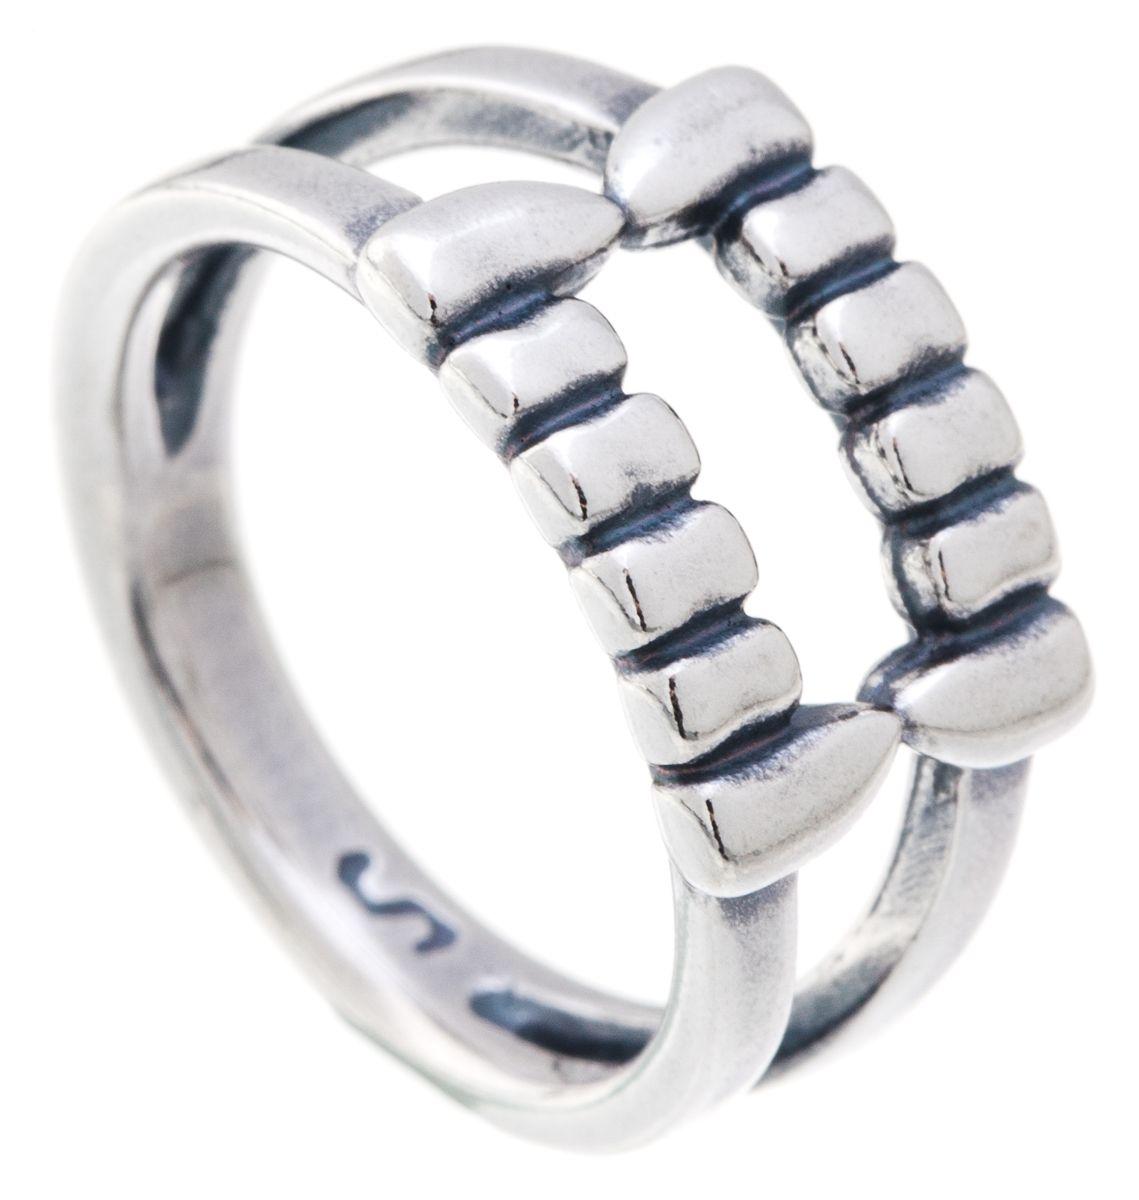 Jenavi, Коллекция Young 2, Дексон (Кольцо), цвет - серебро, , размер - 16f6493090Коллекция Young 2, Дексон (Кольцо) гипоаллергенный ювелирный сплав,Черненое серебро, вставка без вставок, цвет - серебро, , размер - 16